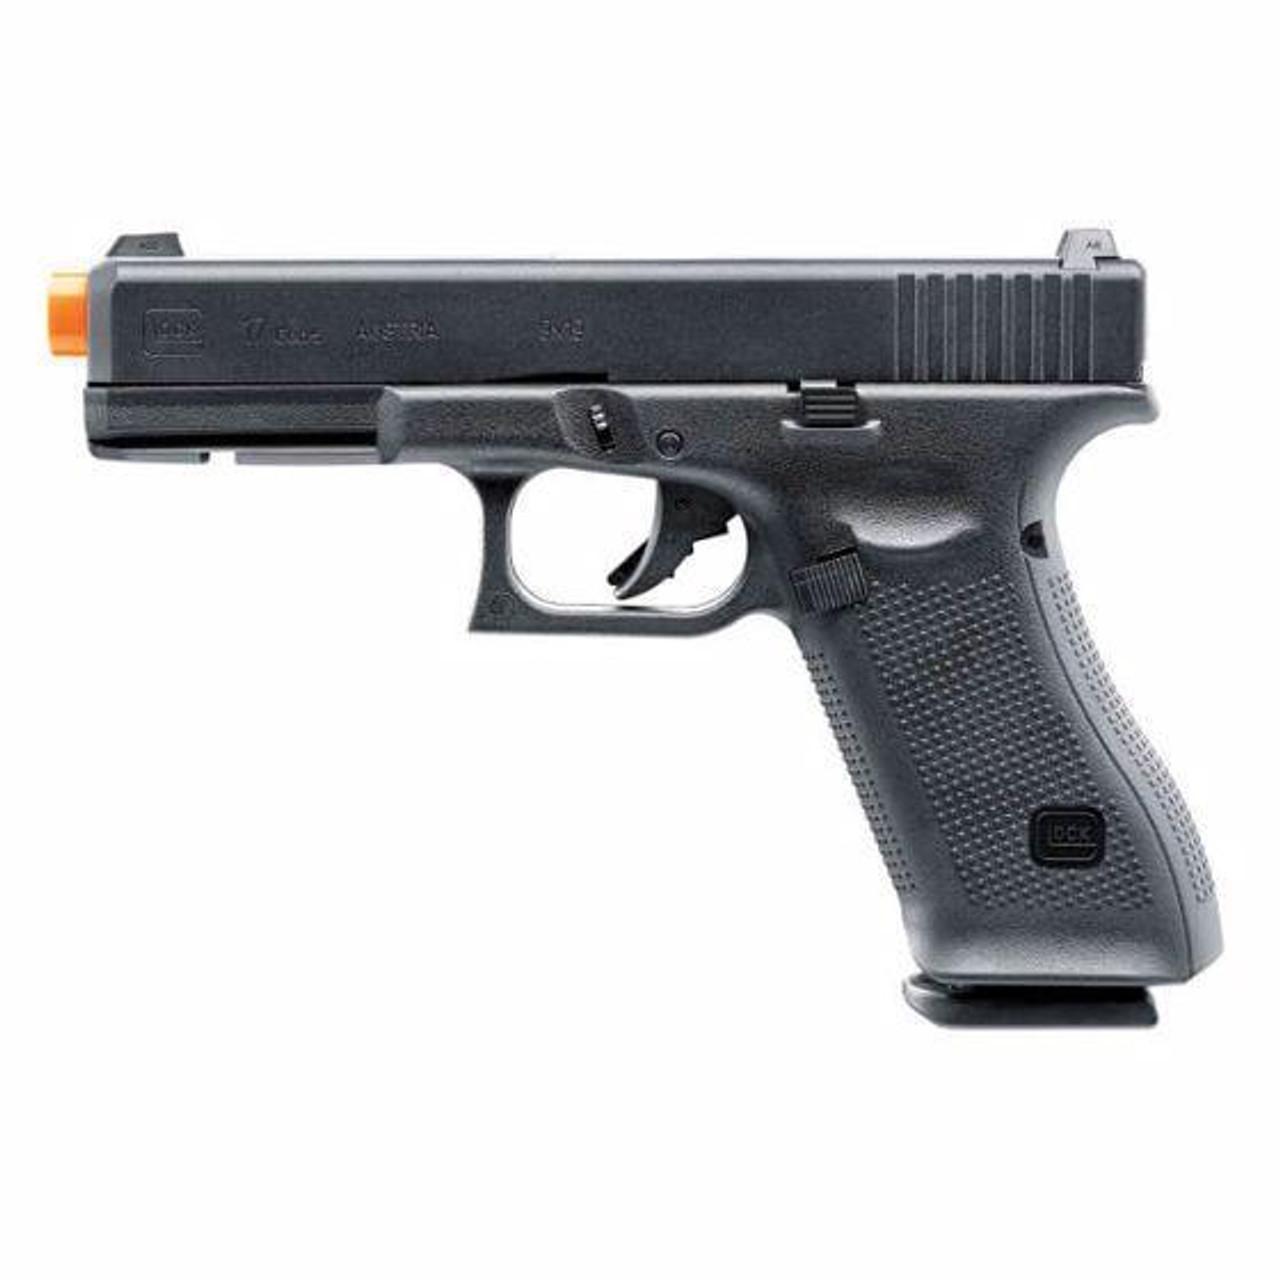 Elite Force Glock 17 gen.5 G17 Gas Pistol